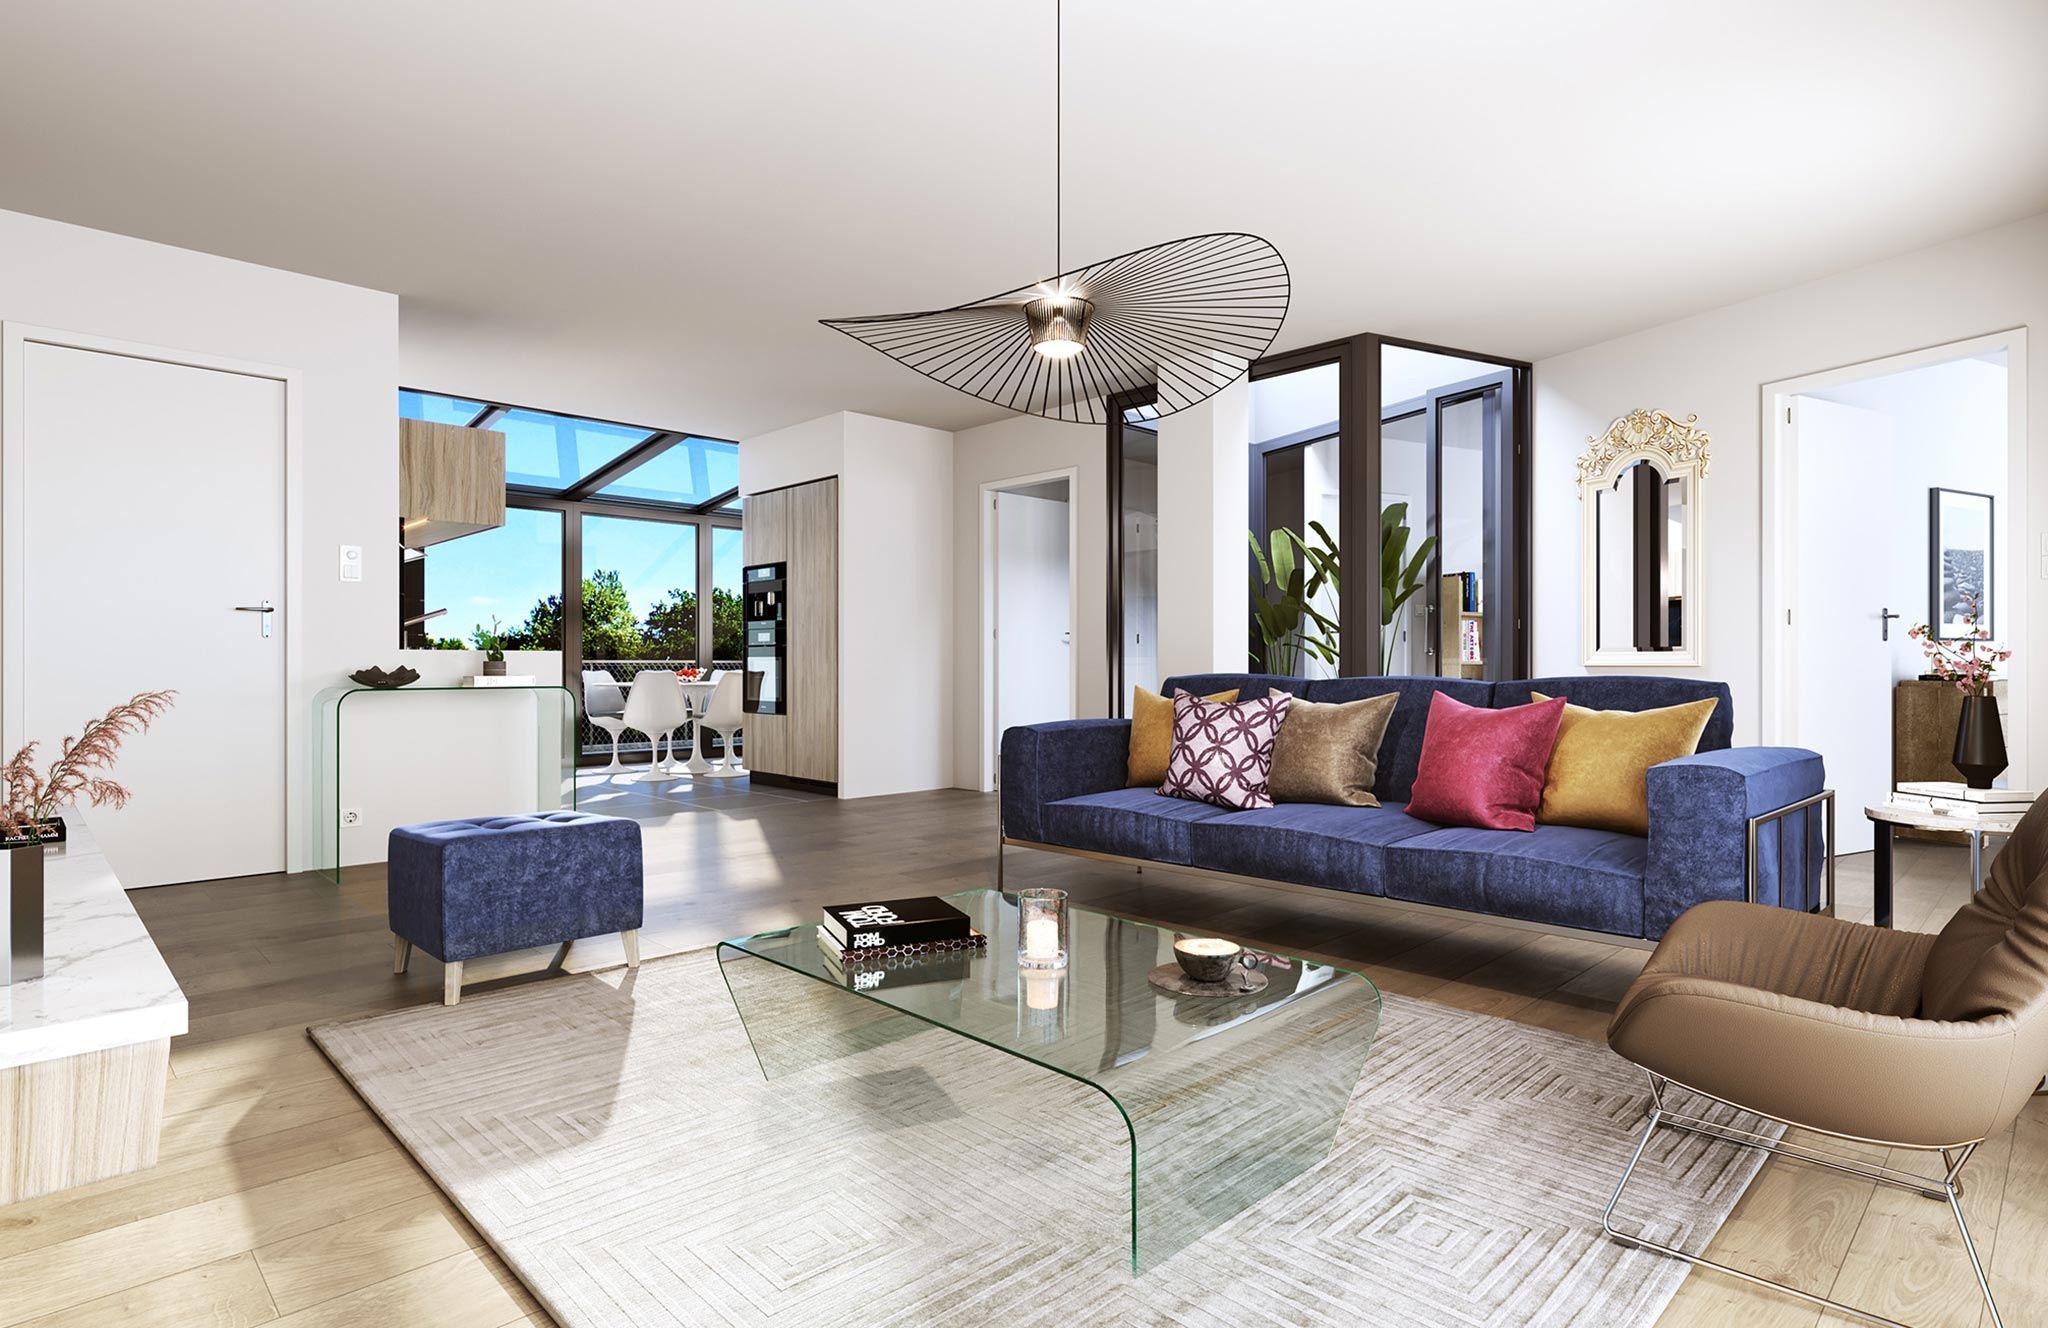 Maisons Laffitte – Château – Appartement 3p – Loggia